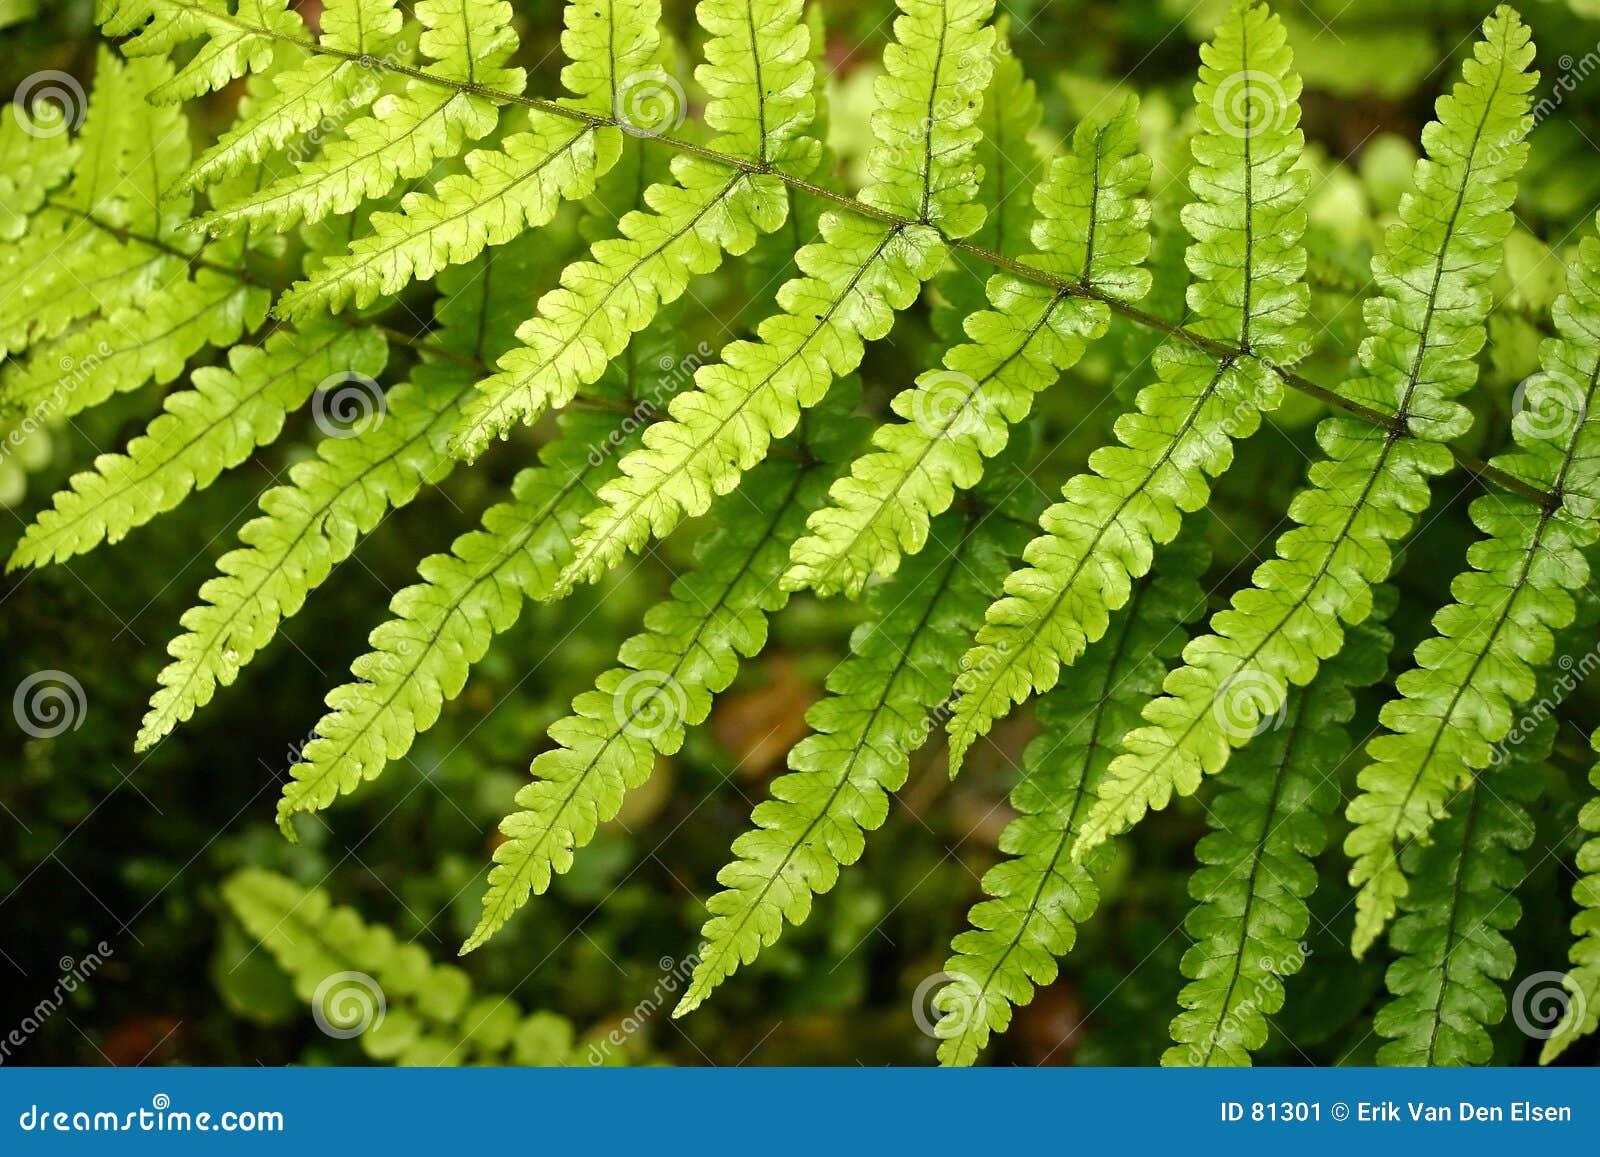 Fern się kaskadą liście